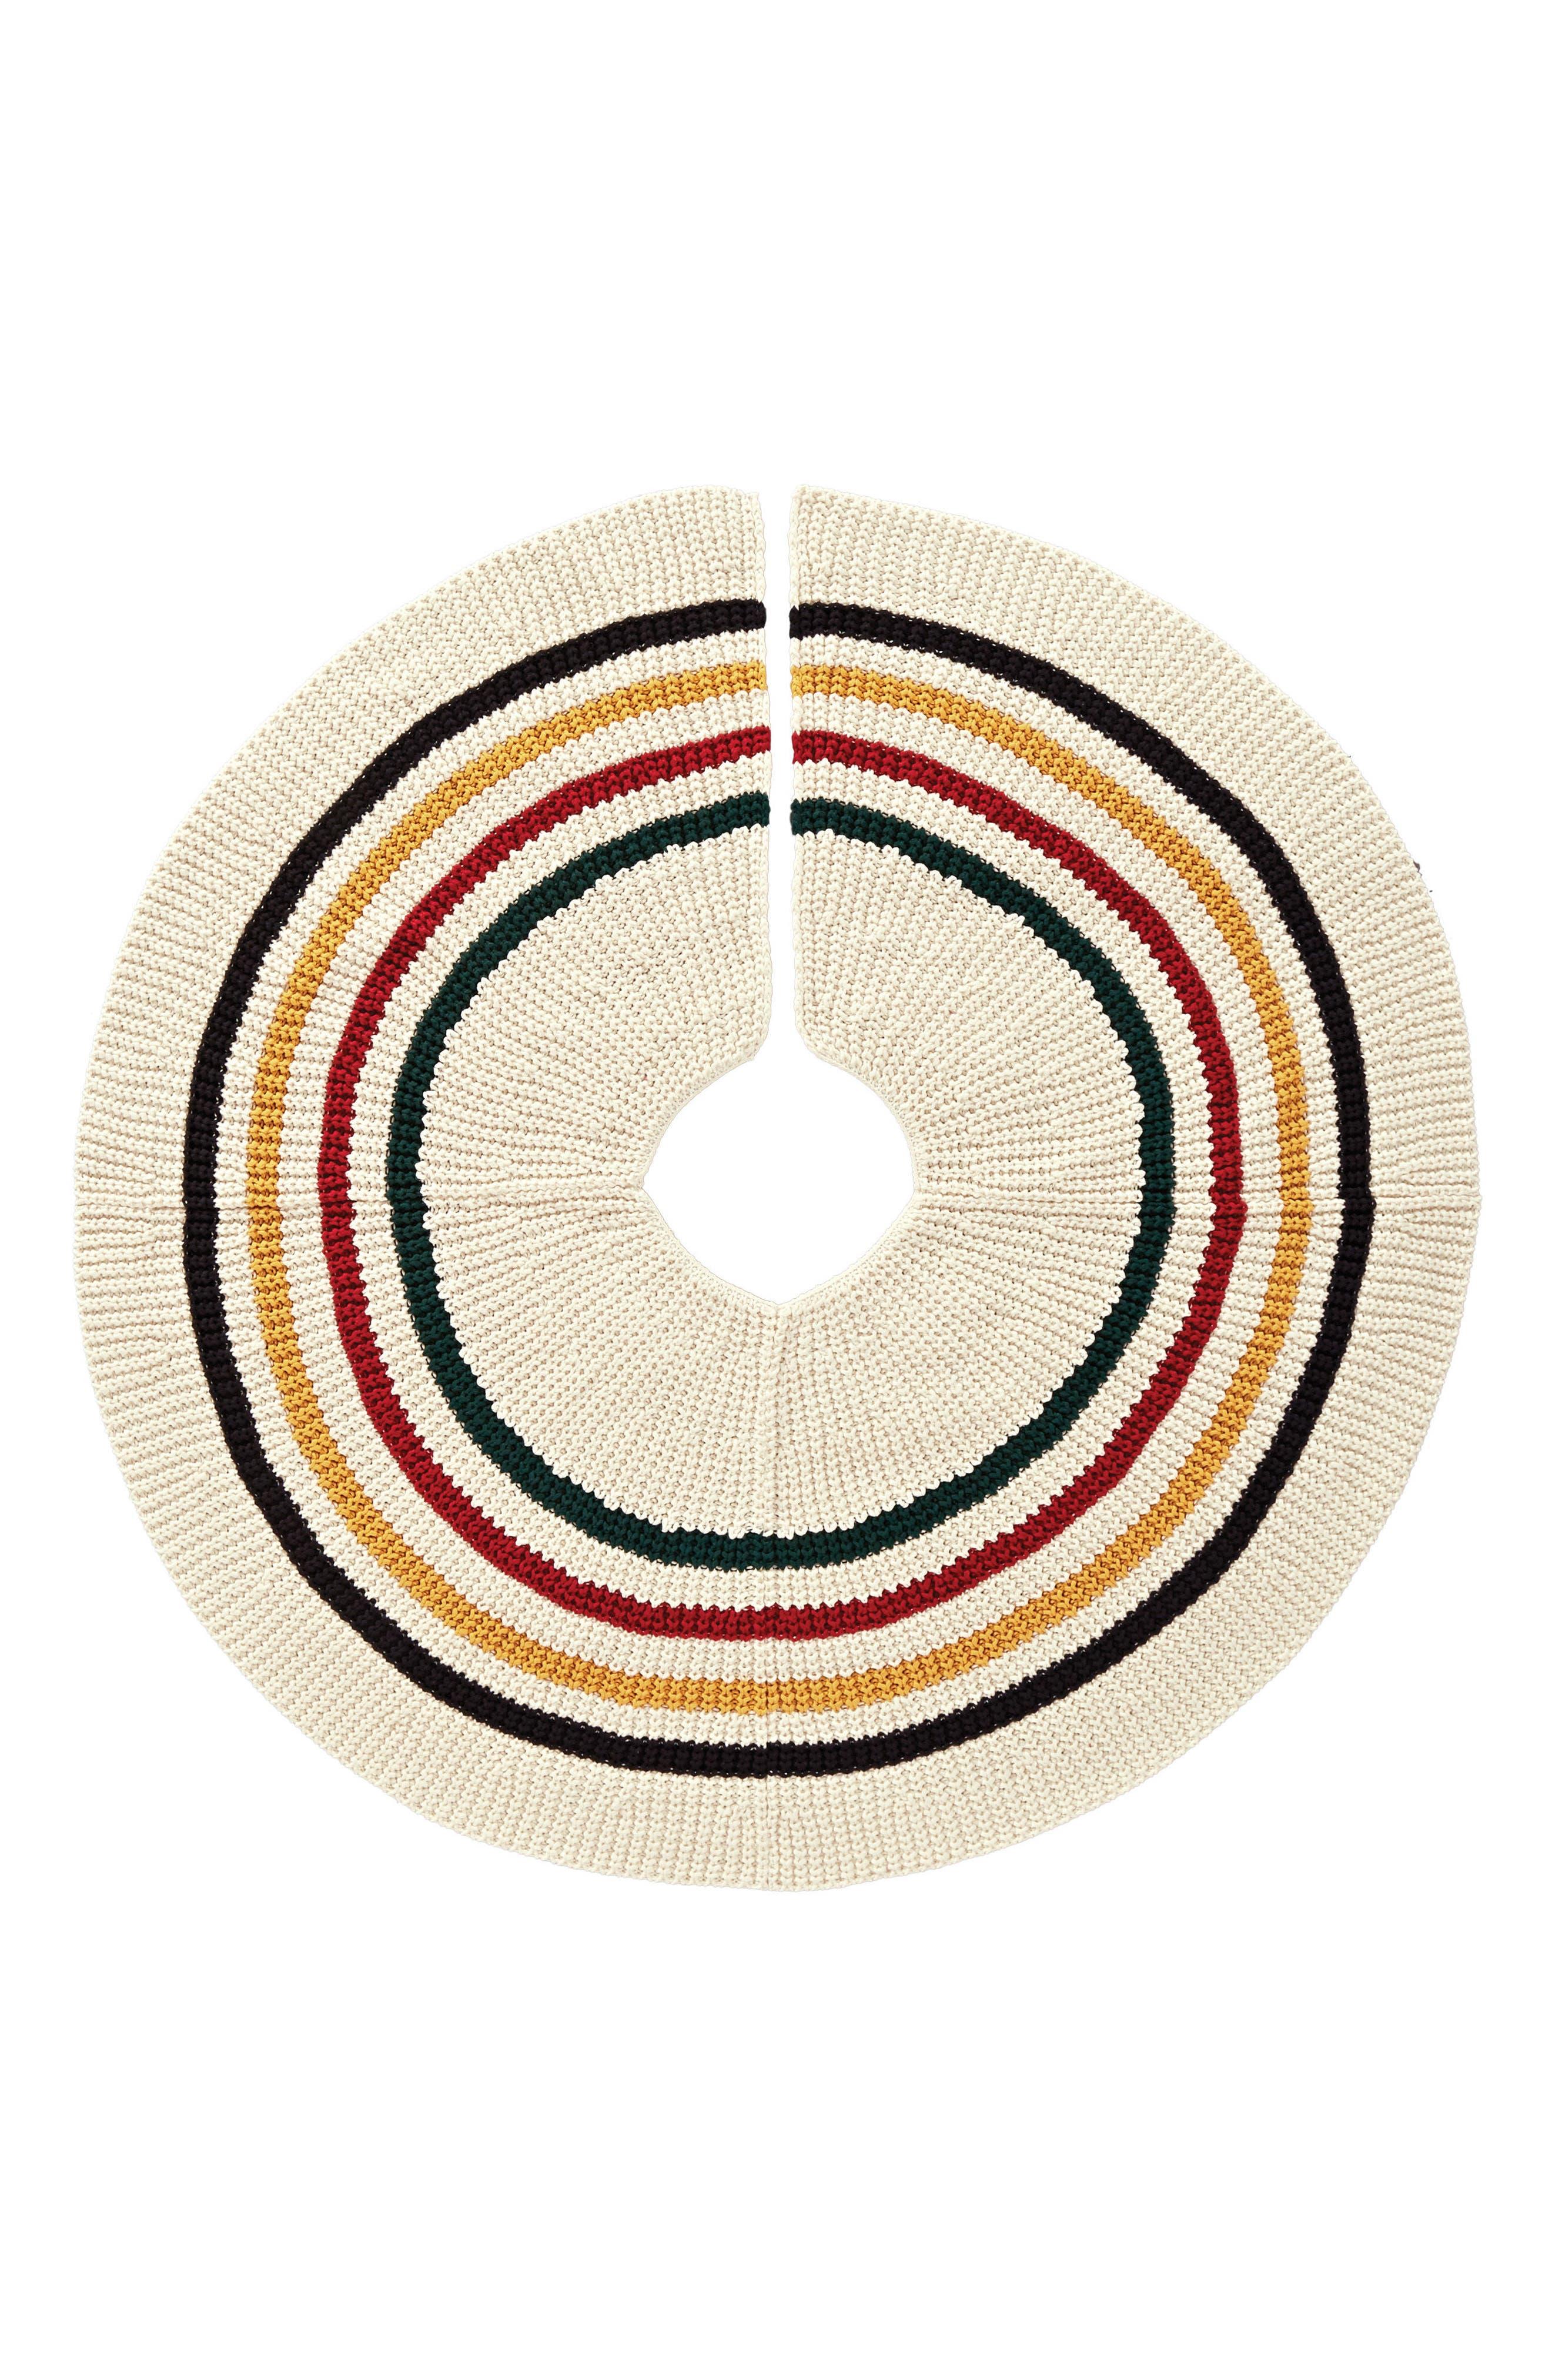 Main Image - Pendleton Glacier Park Knit Tree Skirt